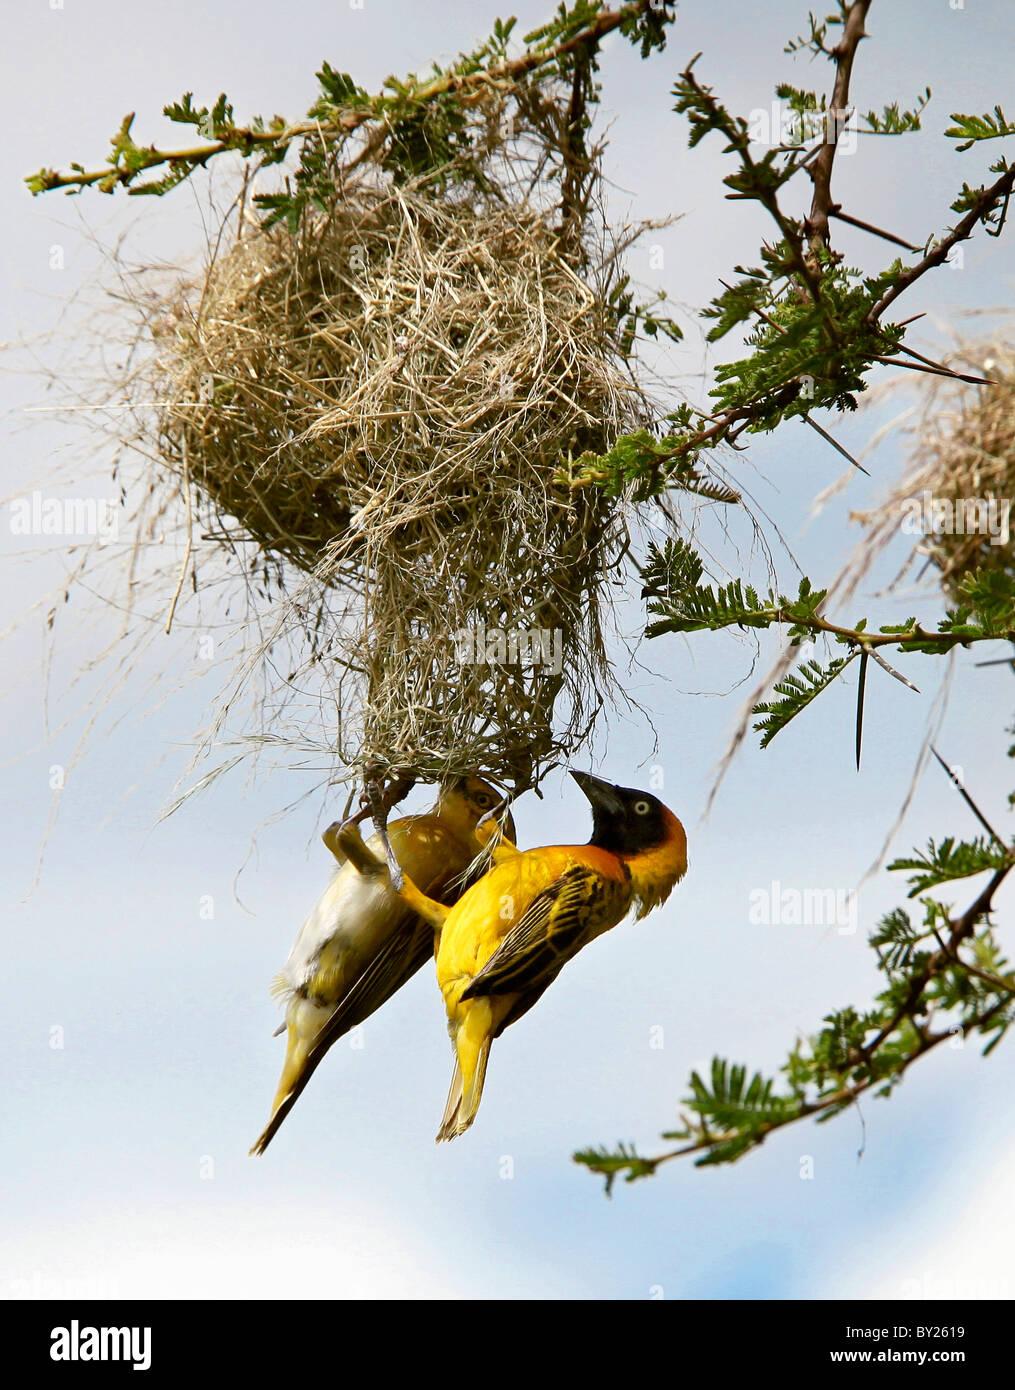 Una coppia di minore tessitori mascherato costruire le loro intricate nido in un albero di acacia nel Tsavo ovest Immagini Stock